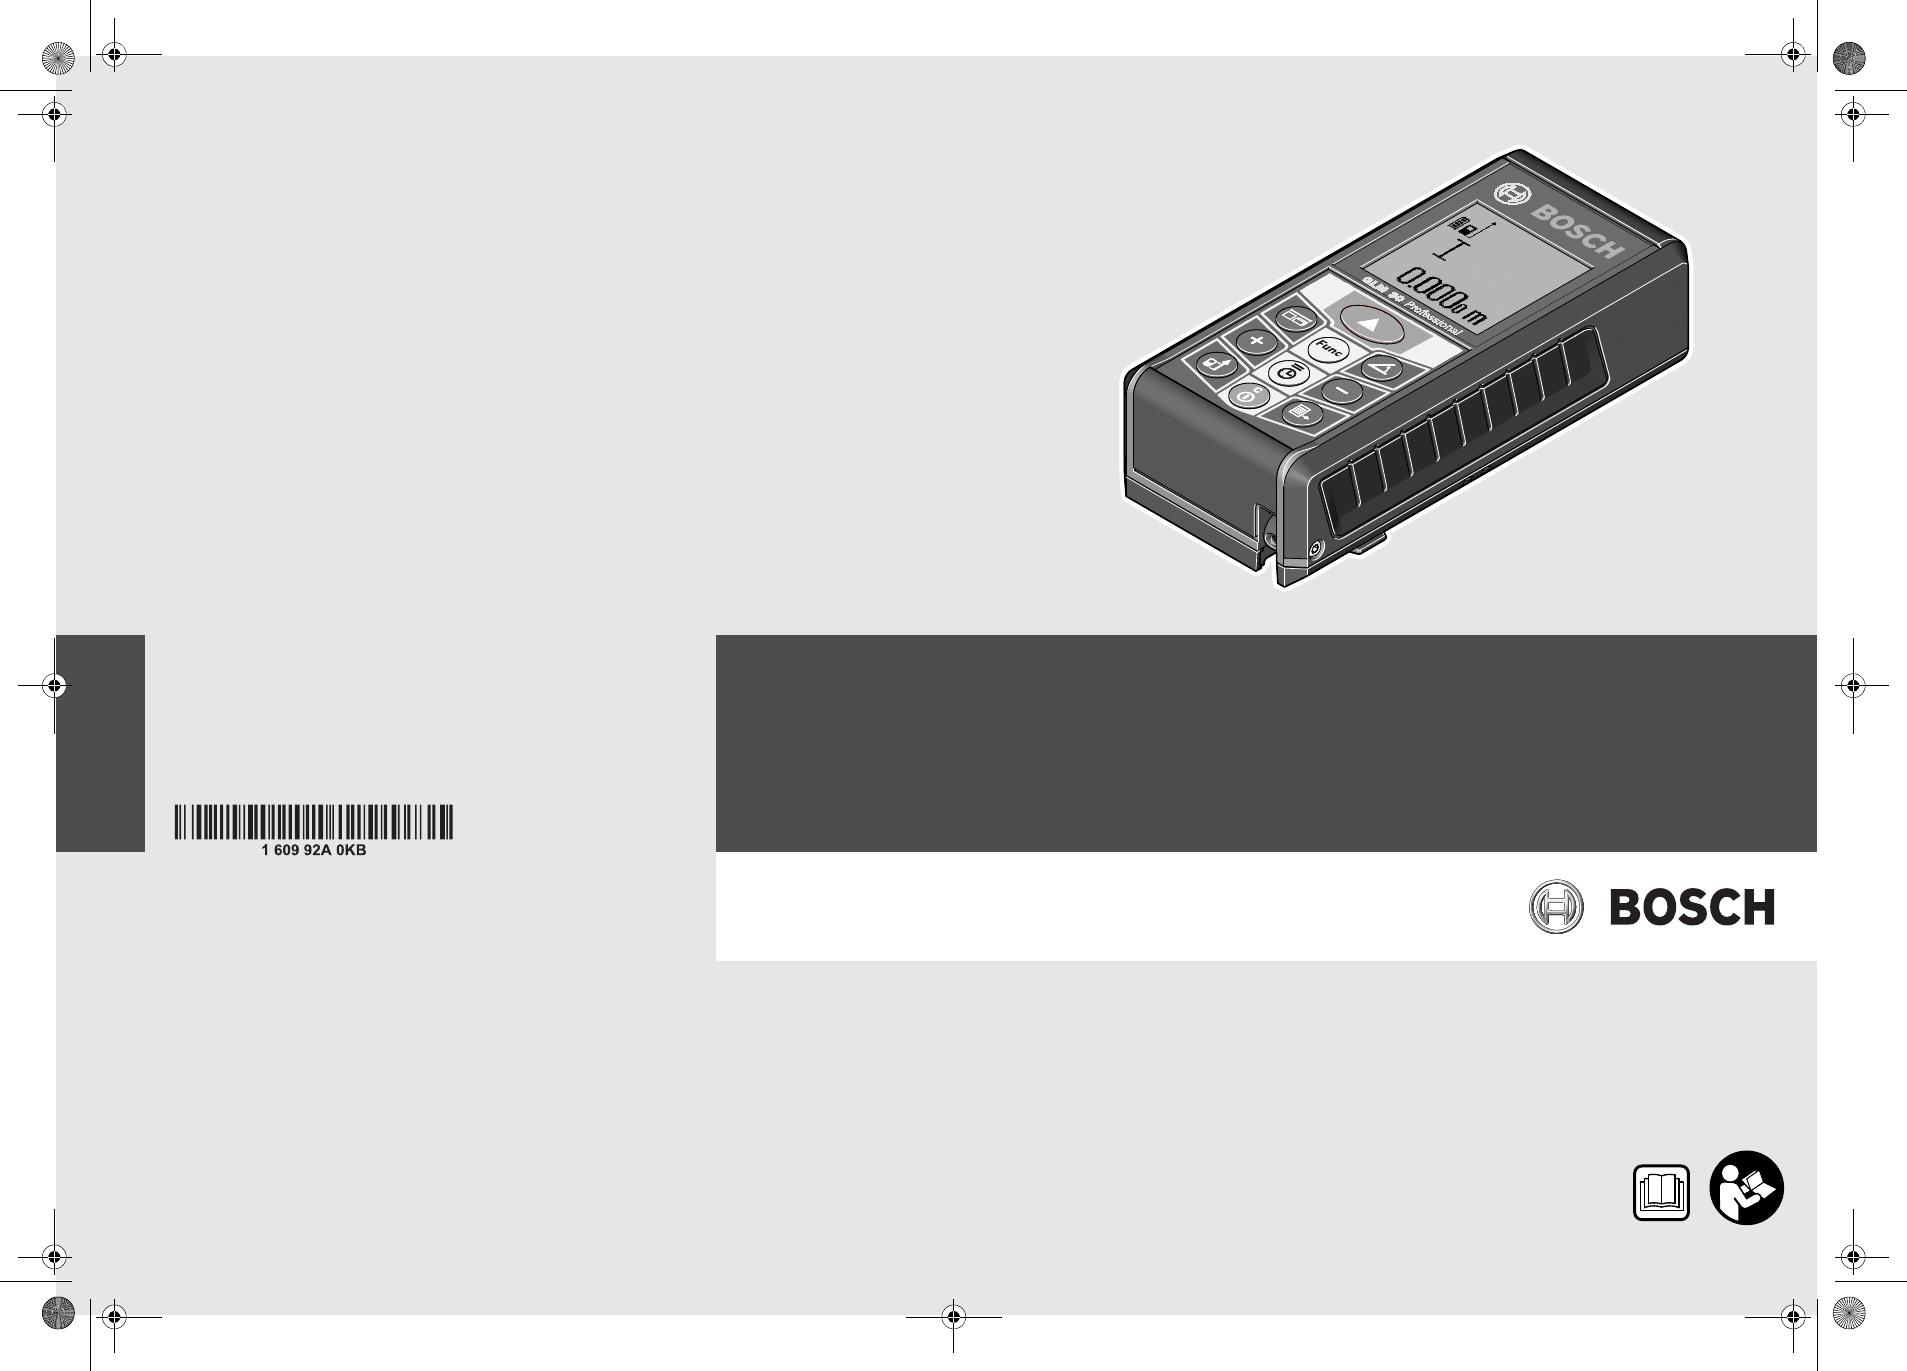 Bosch Entfernungsmesser Glm 80 : Bedienungsanleitung bosch glm 80 seite 16 von 319 dänisch